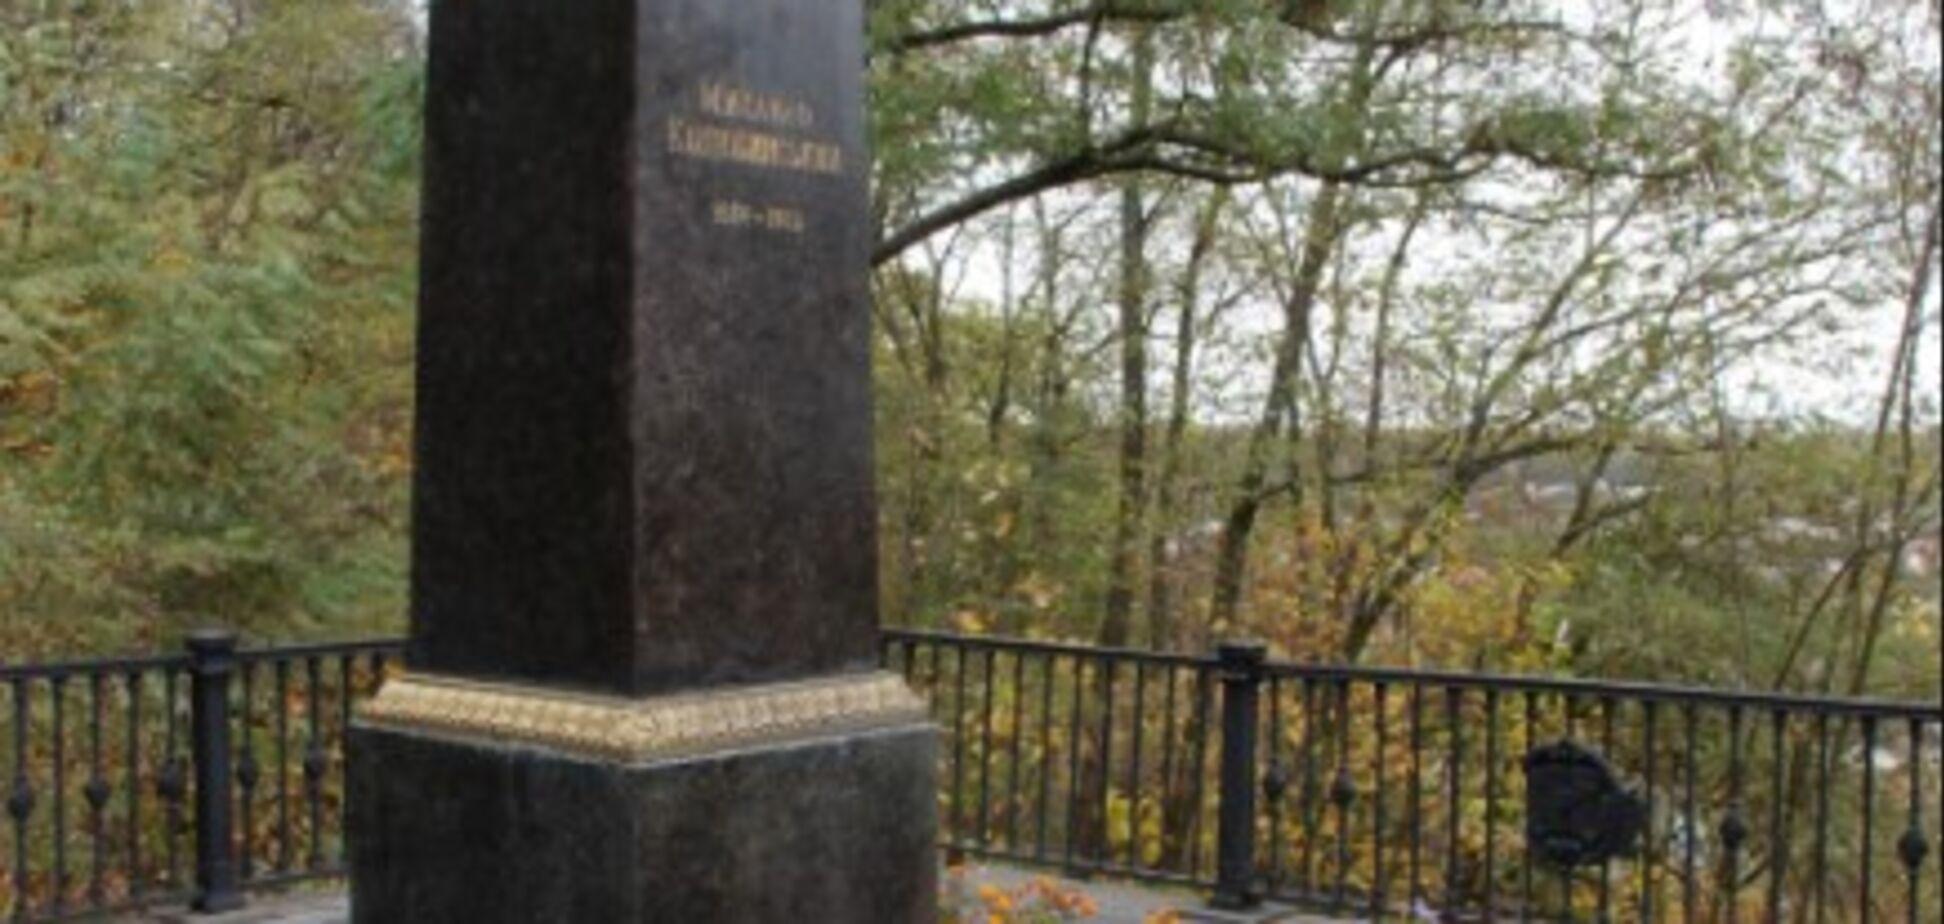 'Больно, обидно и горько!' В Чернигове надругались над могилой известного писателя